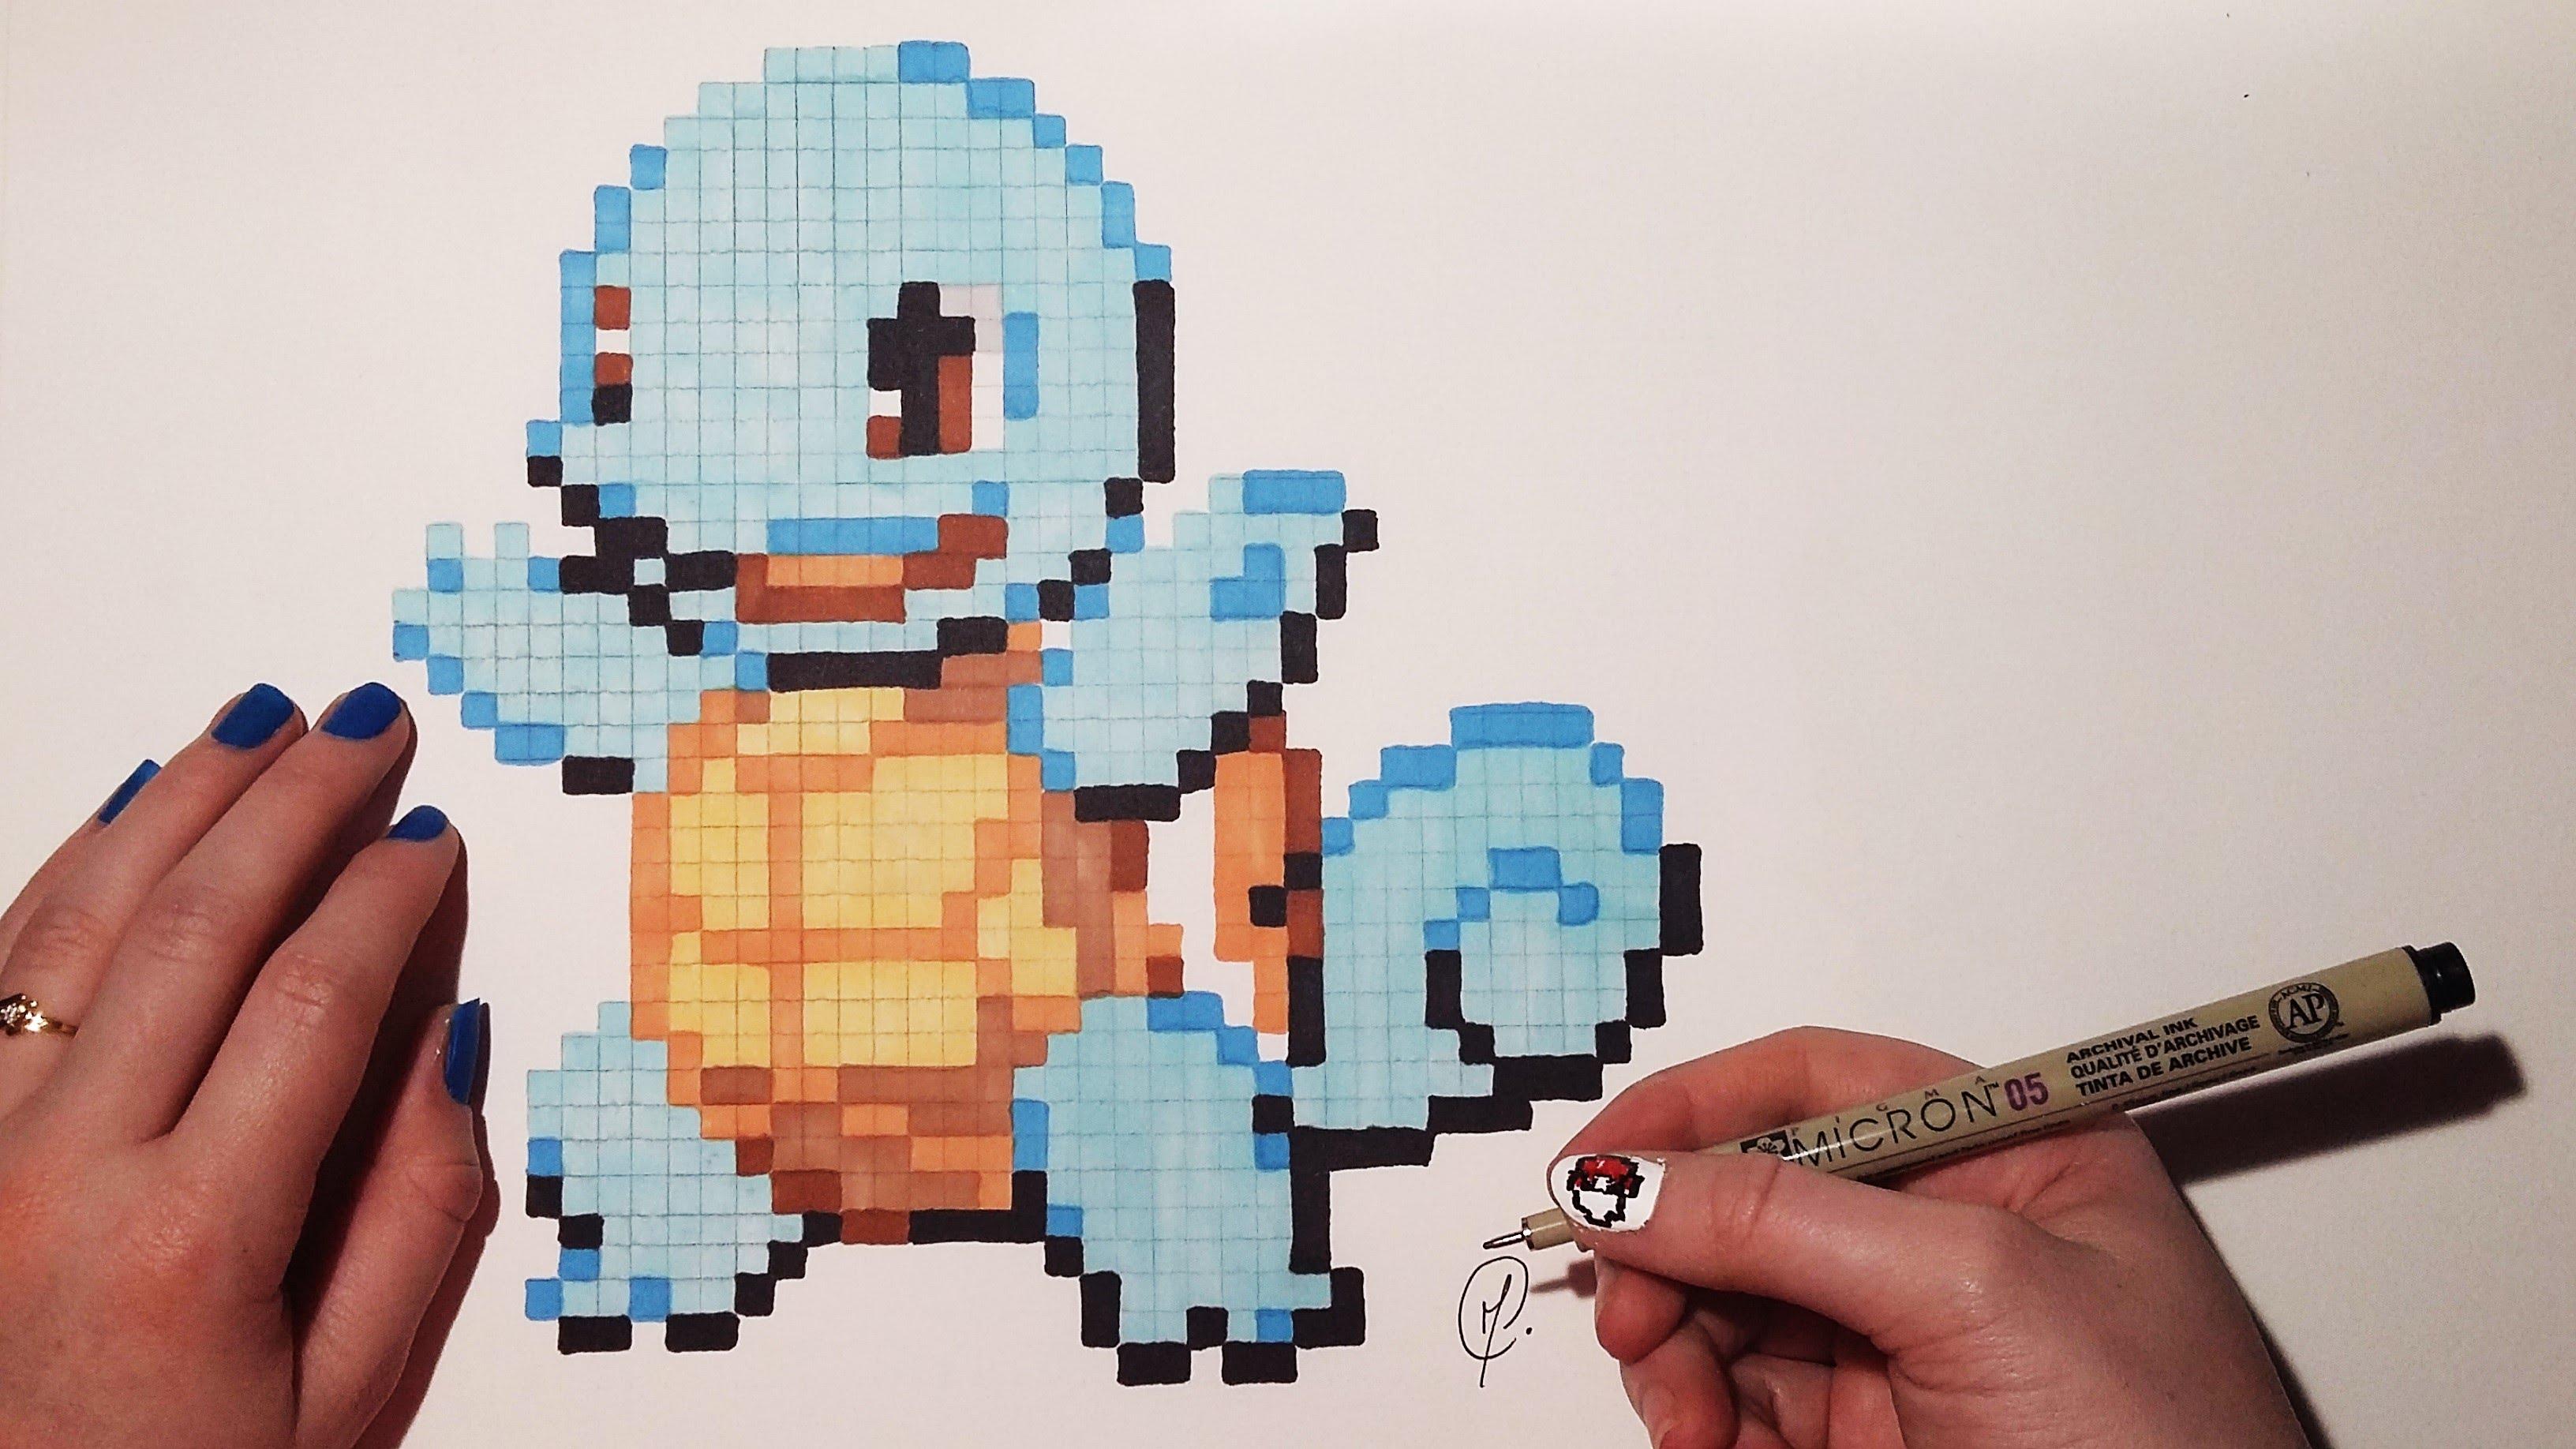 3264x1836 Pixel Art Pokemon